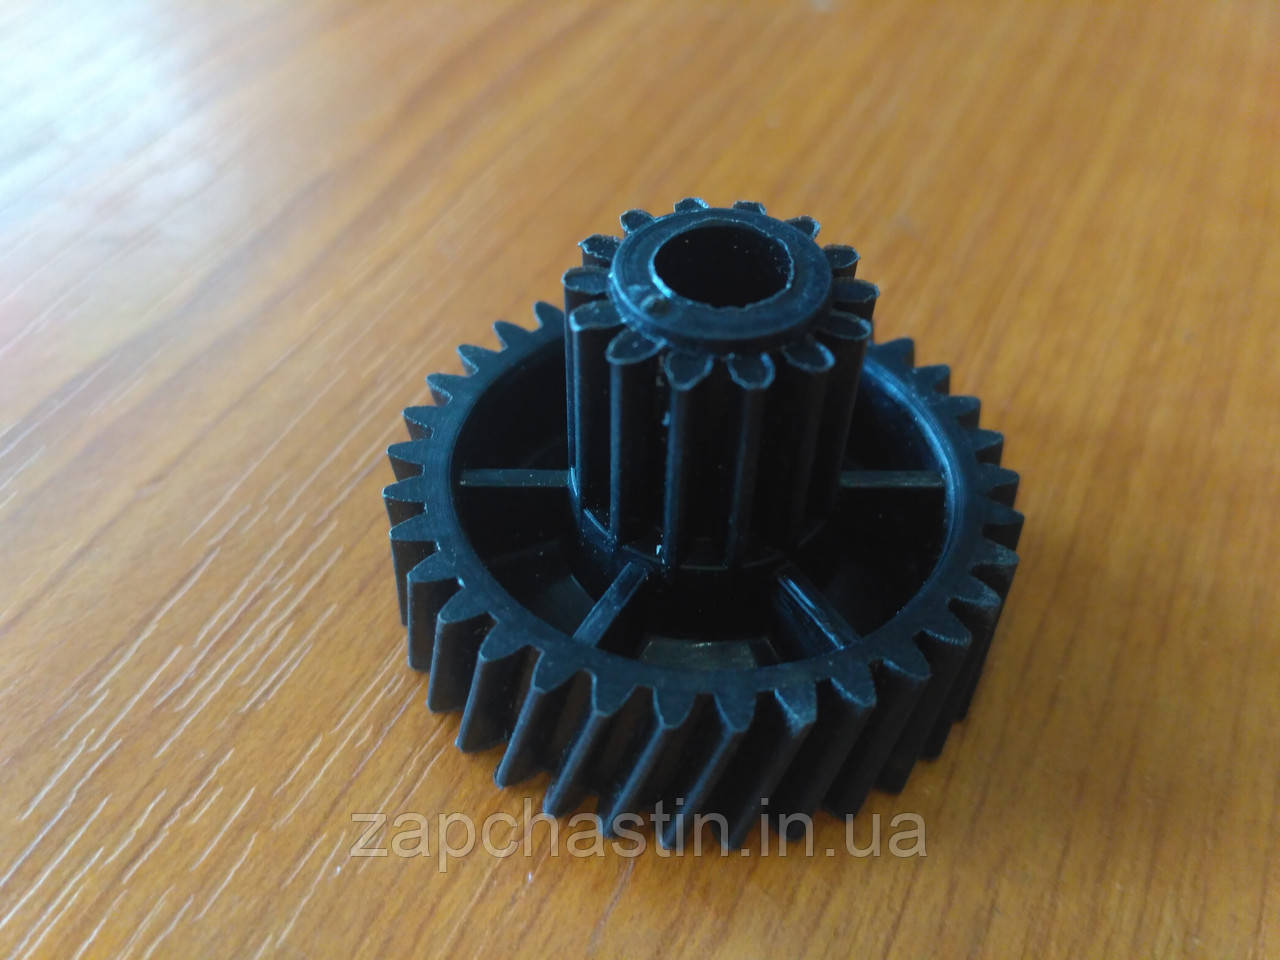 Шестерня м'ясорубки D-37/16, H-25, Z-34/14 (Ельво)